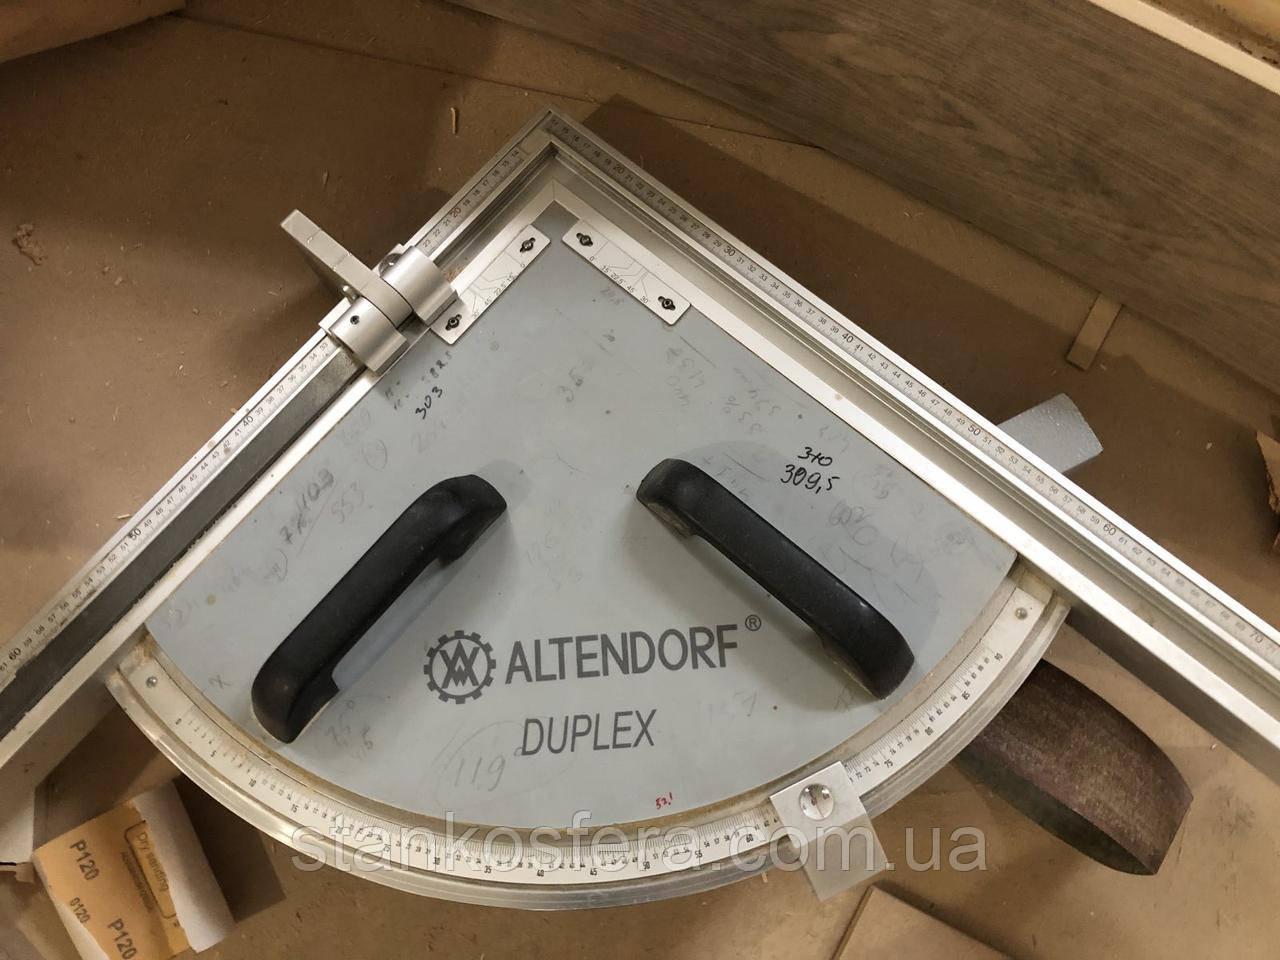 Двухсторонняя линейка Duplex б/у для угловых резов на форматно-раскроечный станок Altendorf